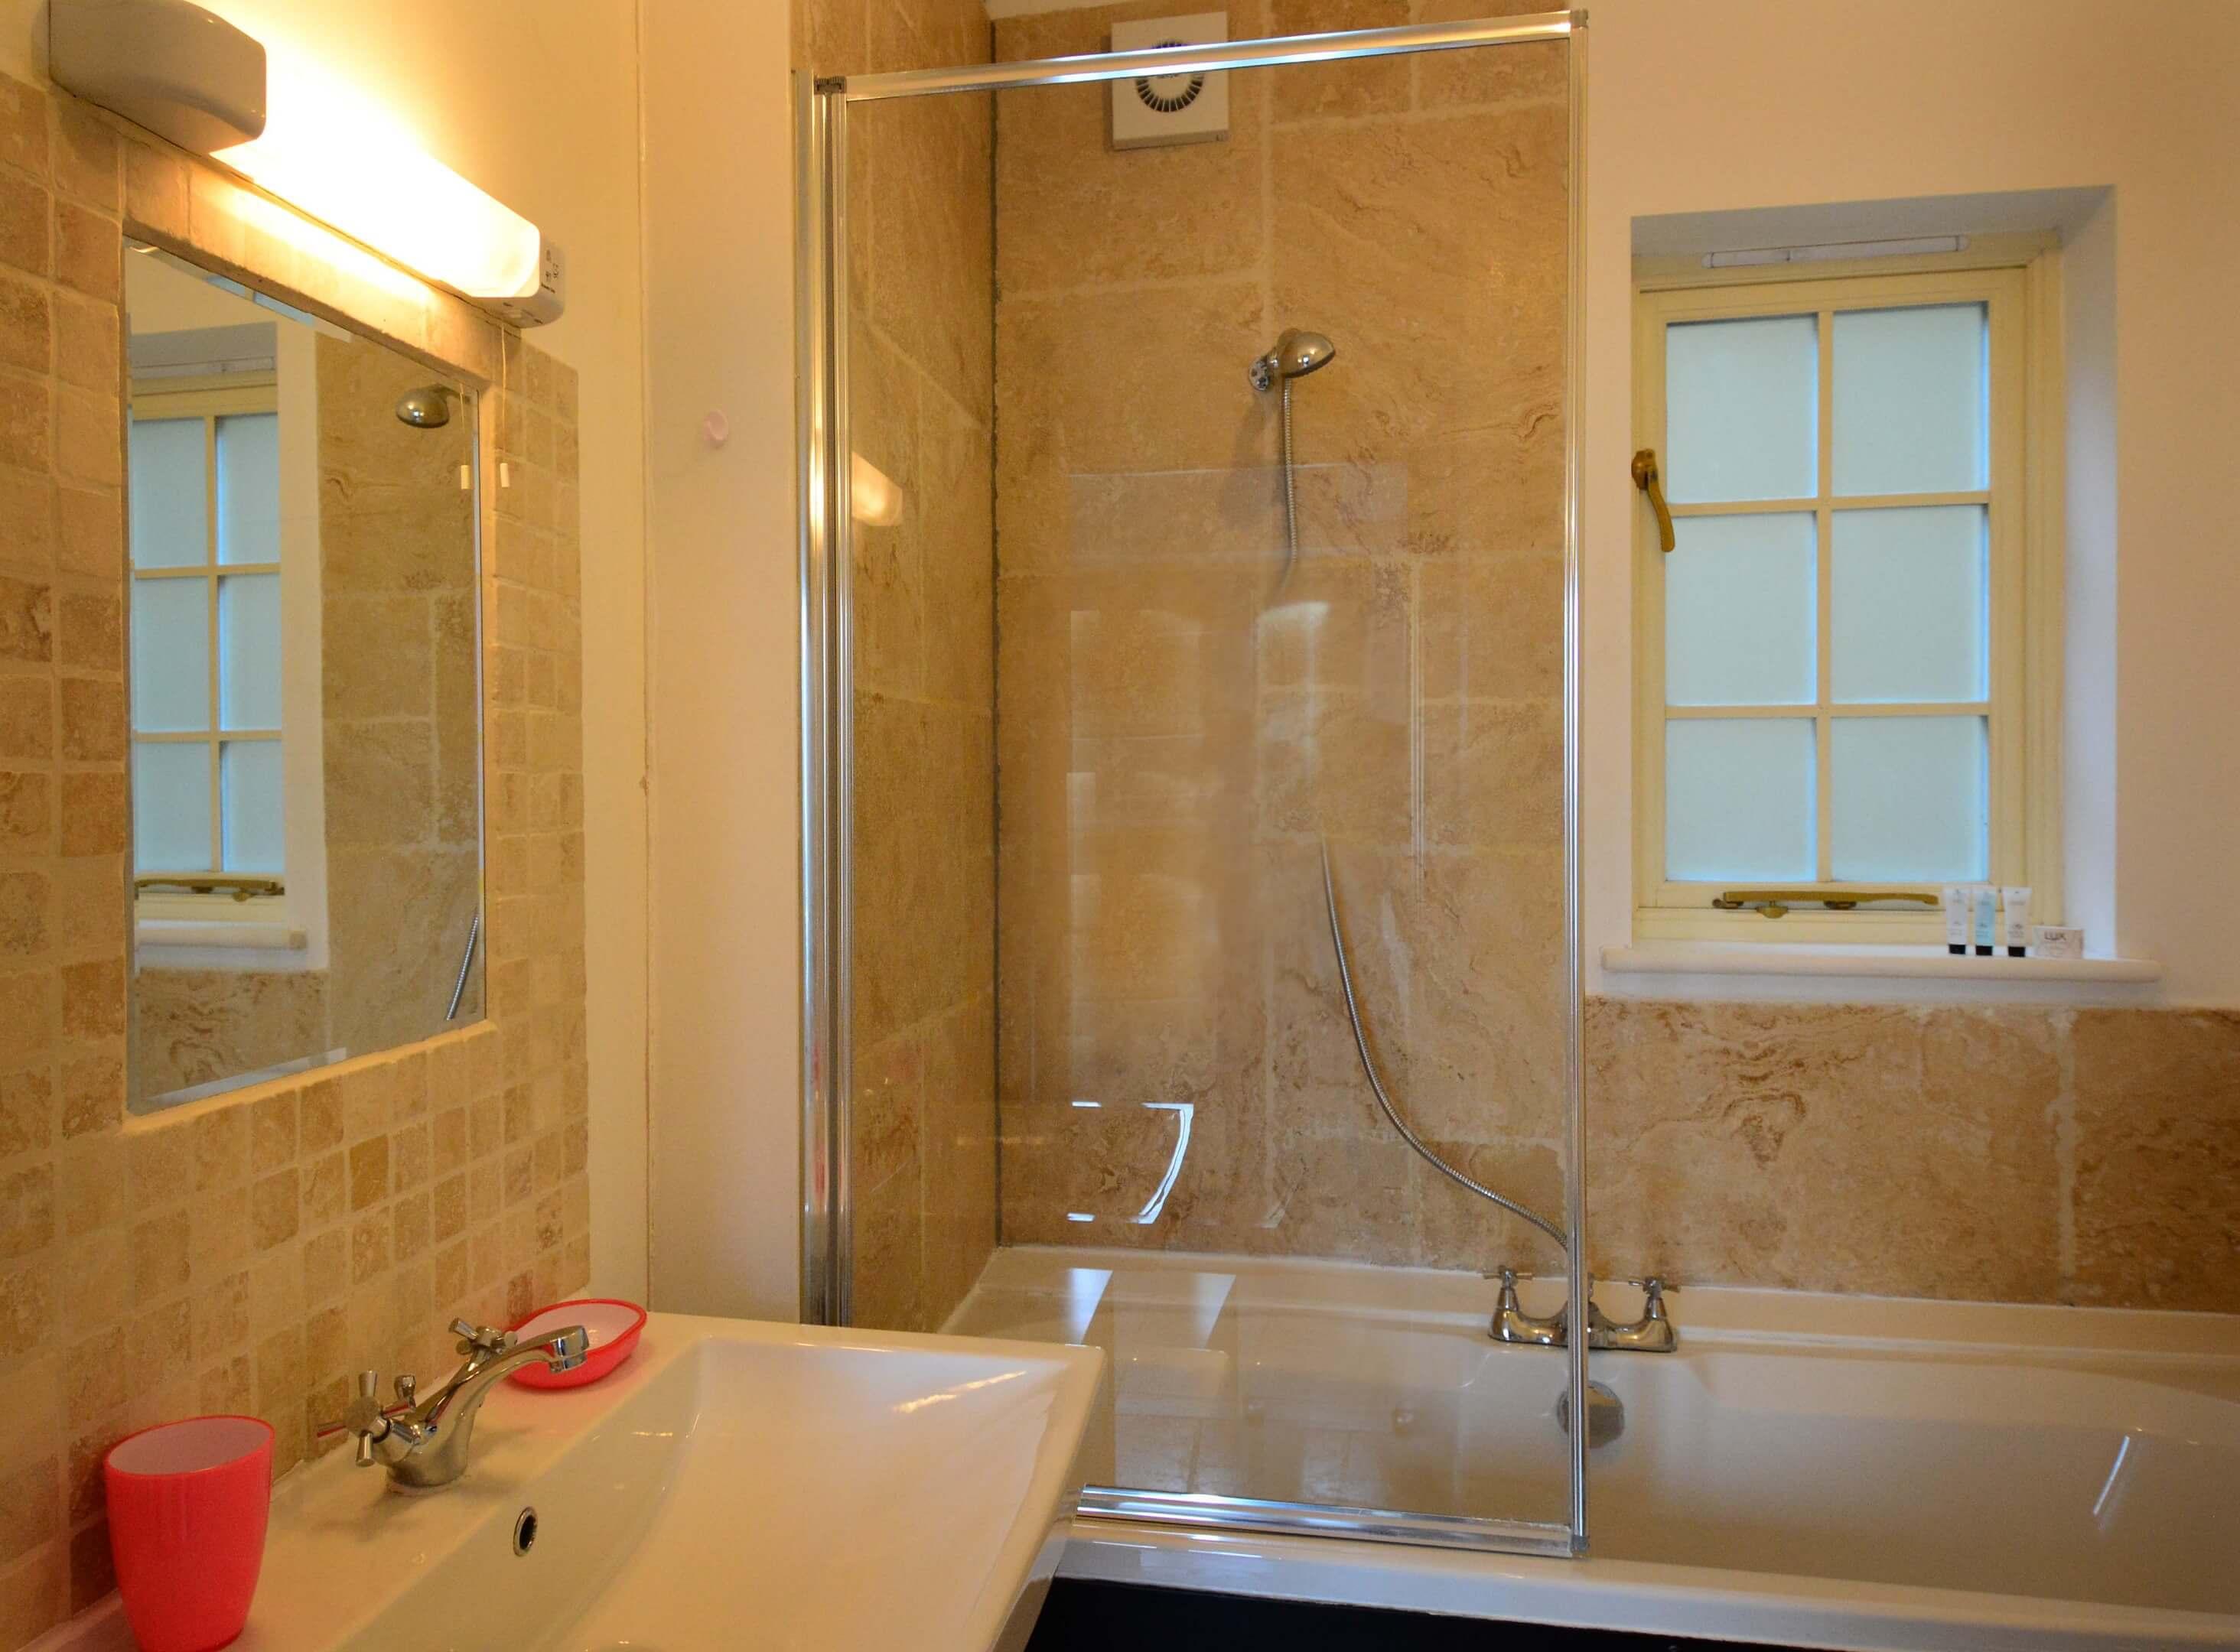 Station Cottage Bathroom